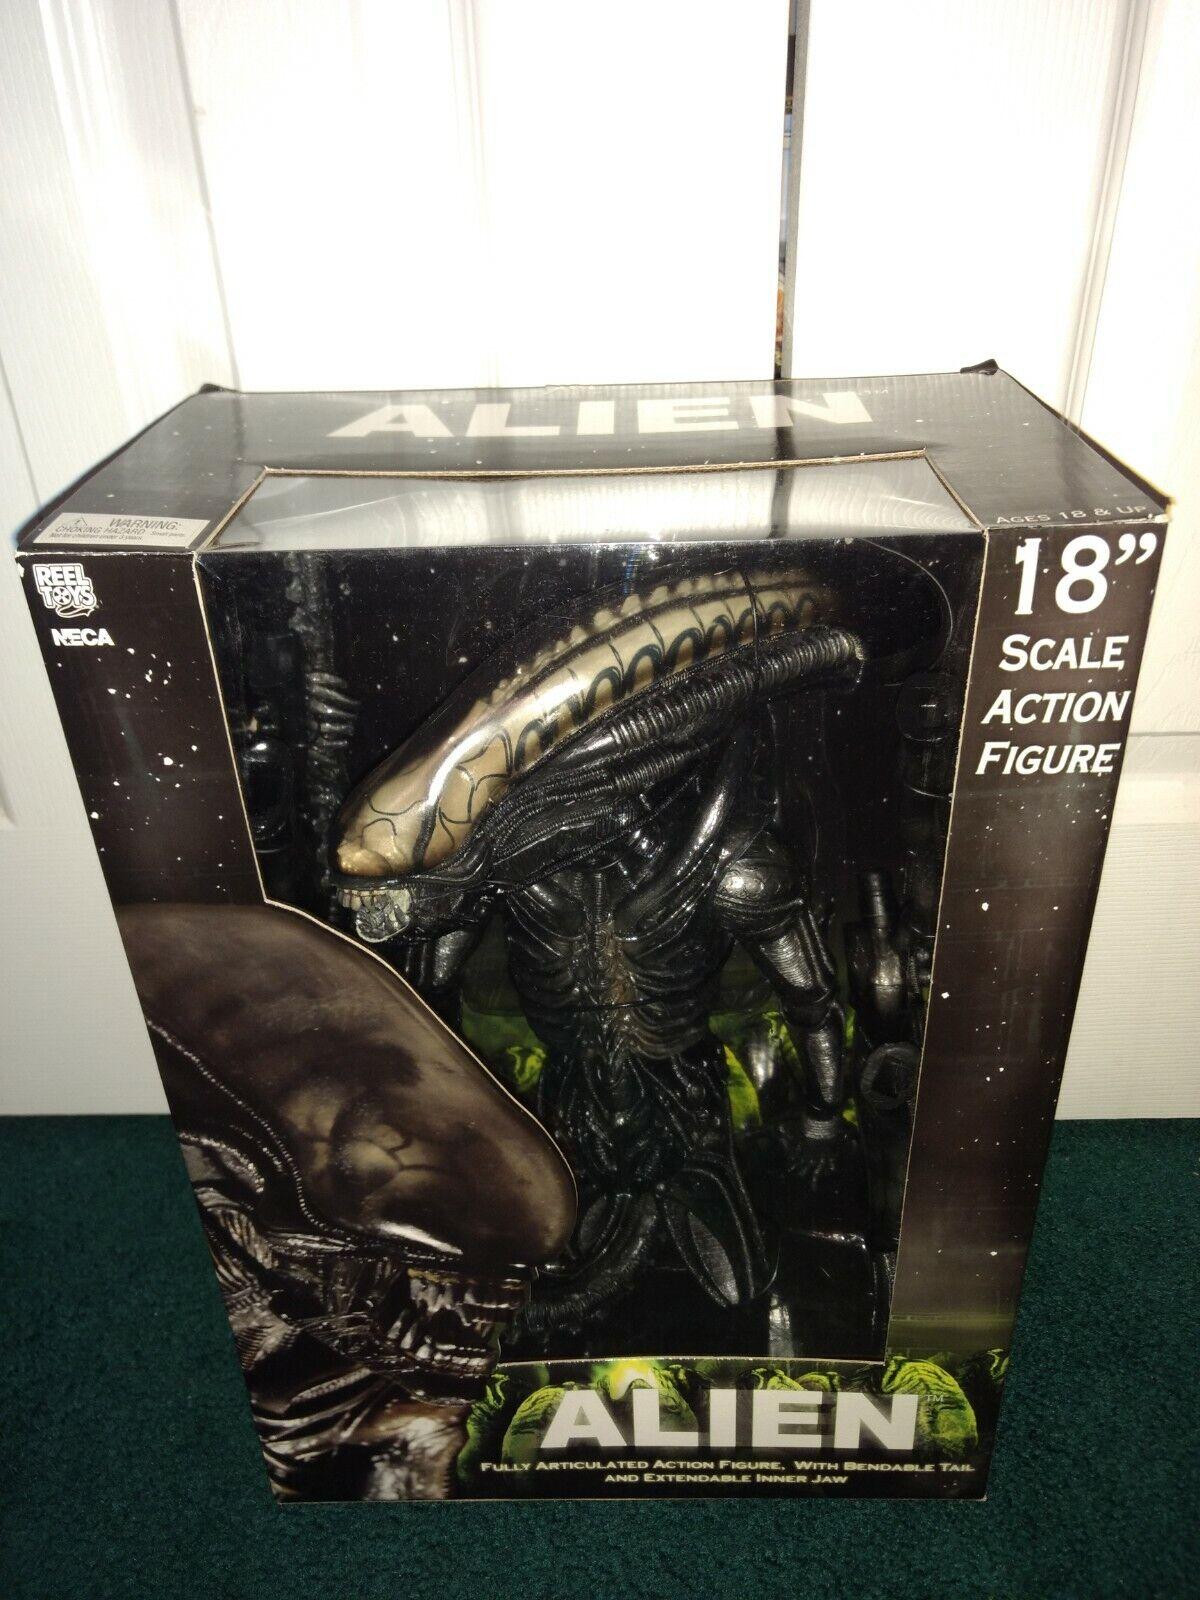 NECA 18  1 4 Alien Big Chap Comme neuf dans emballage scellé  2008 articulés  souple queue extensible Jaw